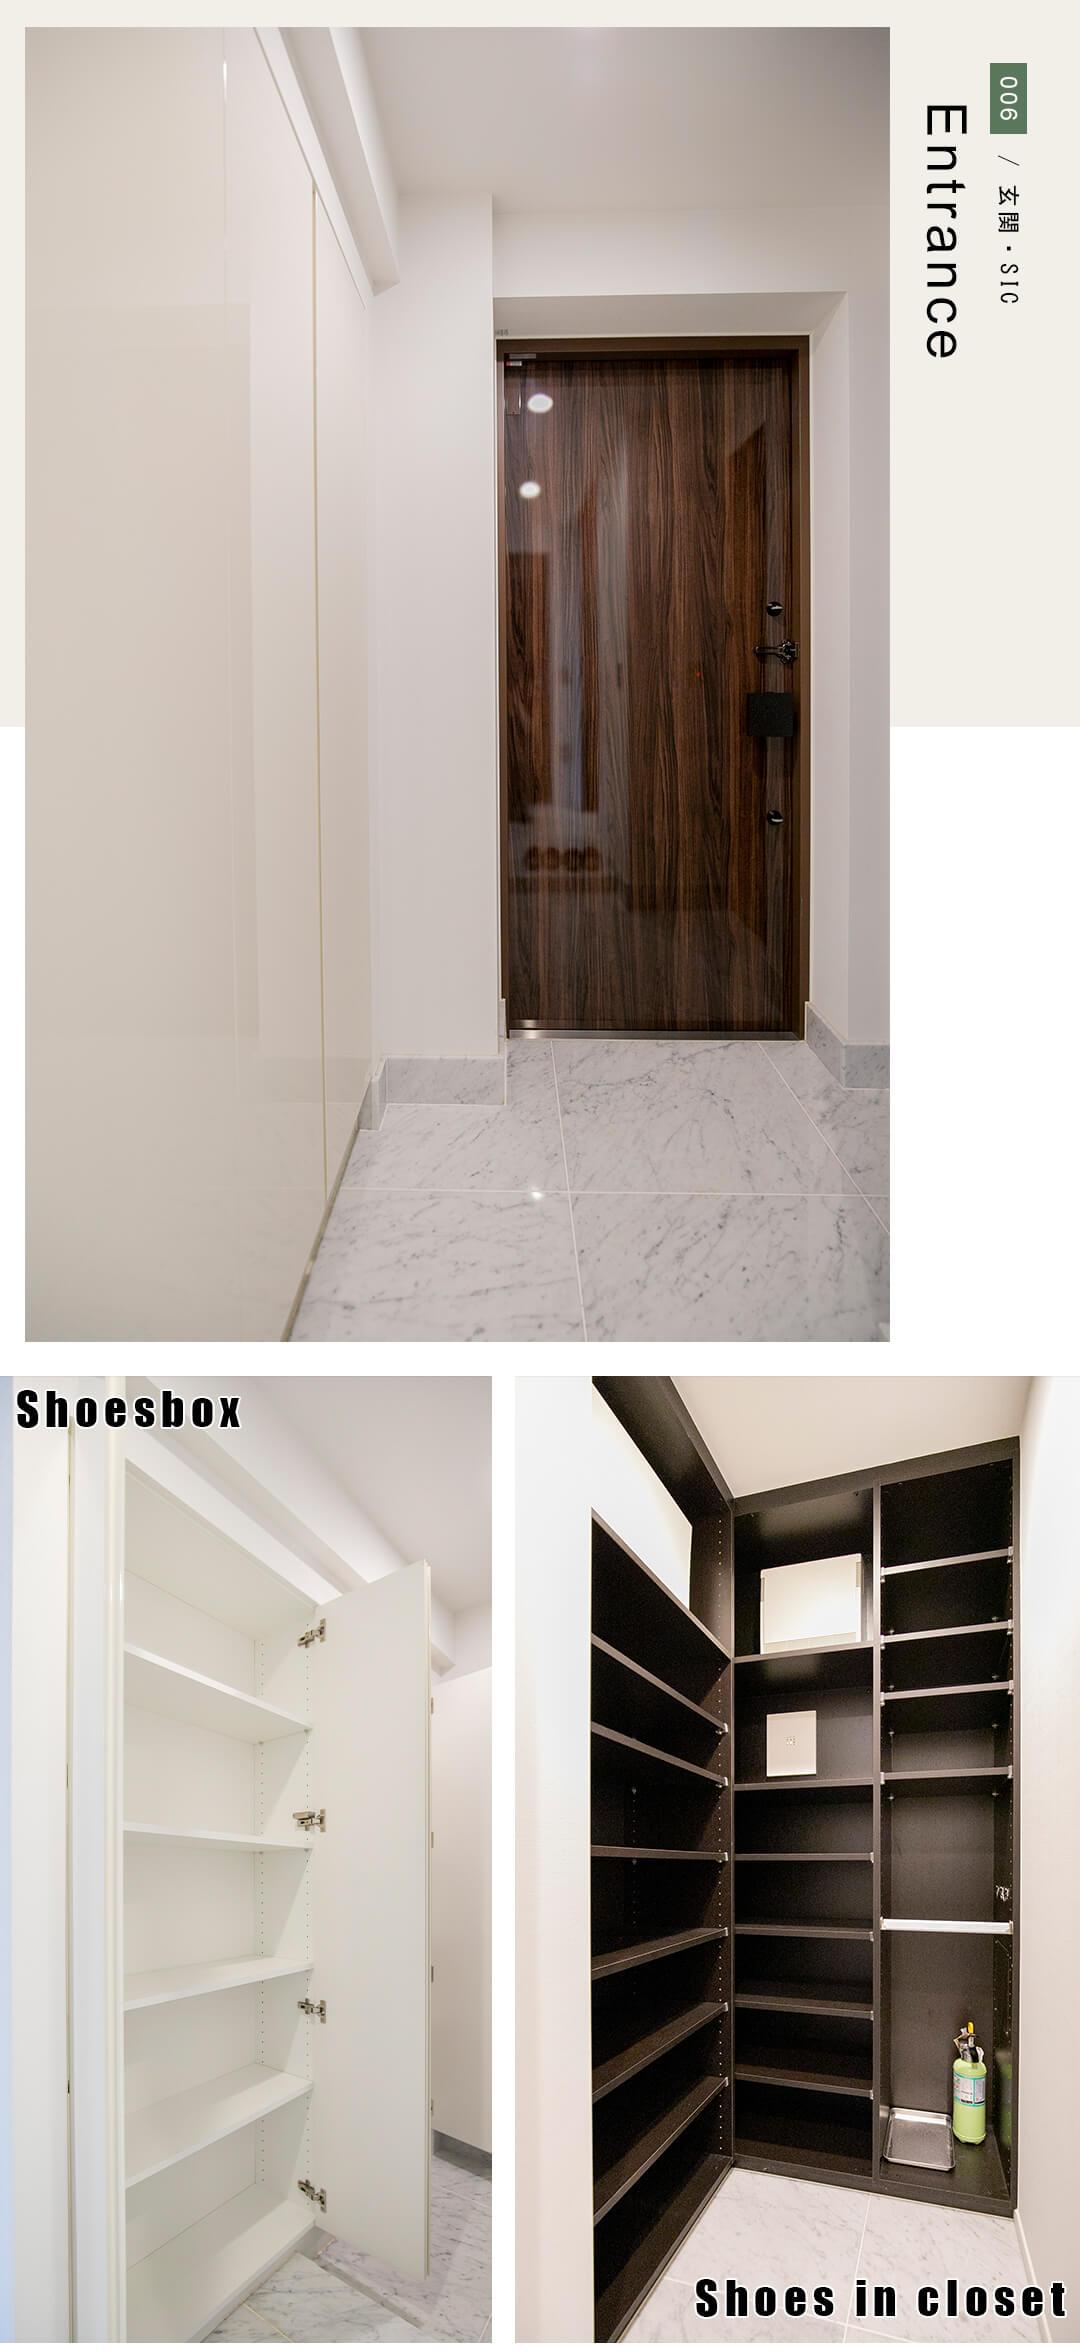 プラウド恵比寿南の玄関とシューズインクローゼット